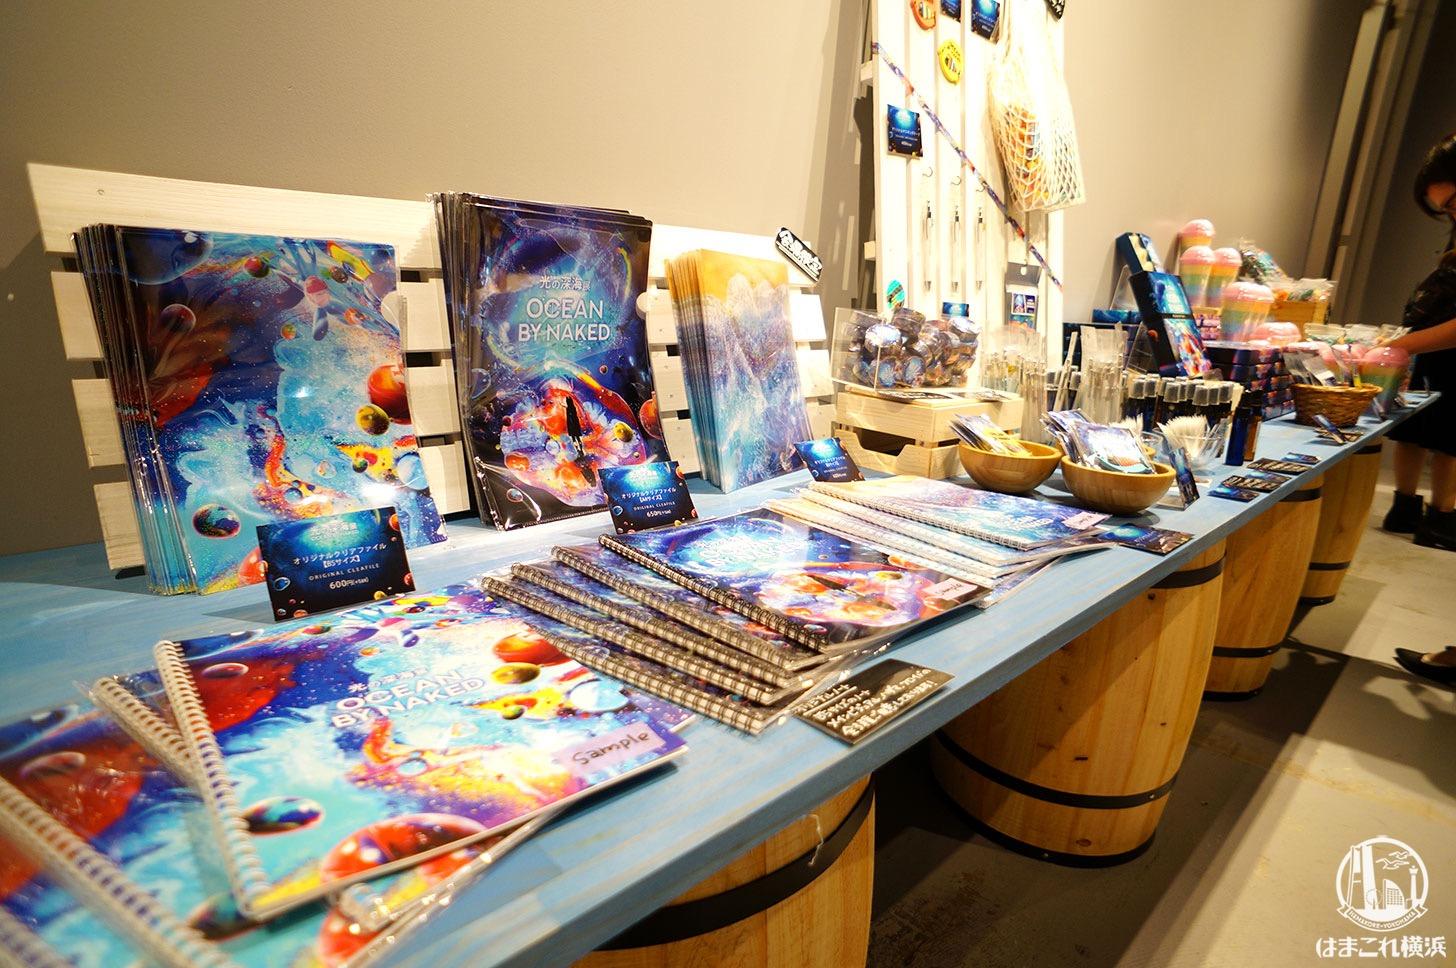 オーシャン バイ ネイキッド 光の深海展「物販エリア」